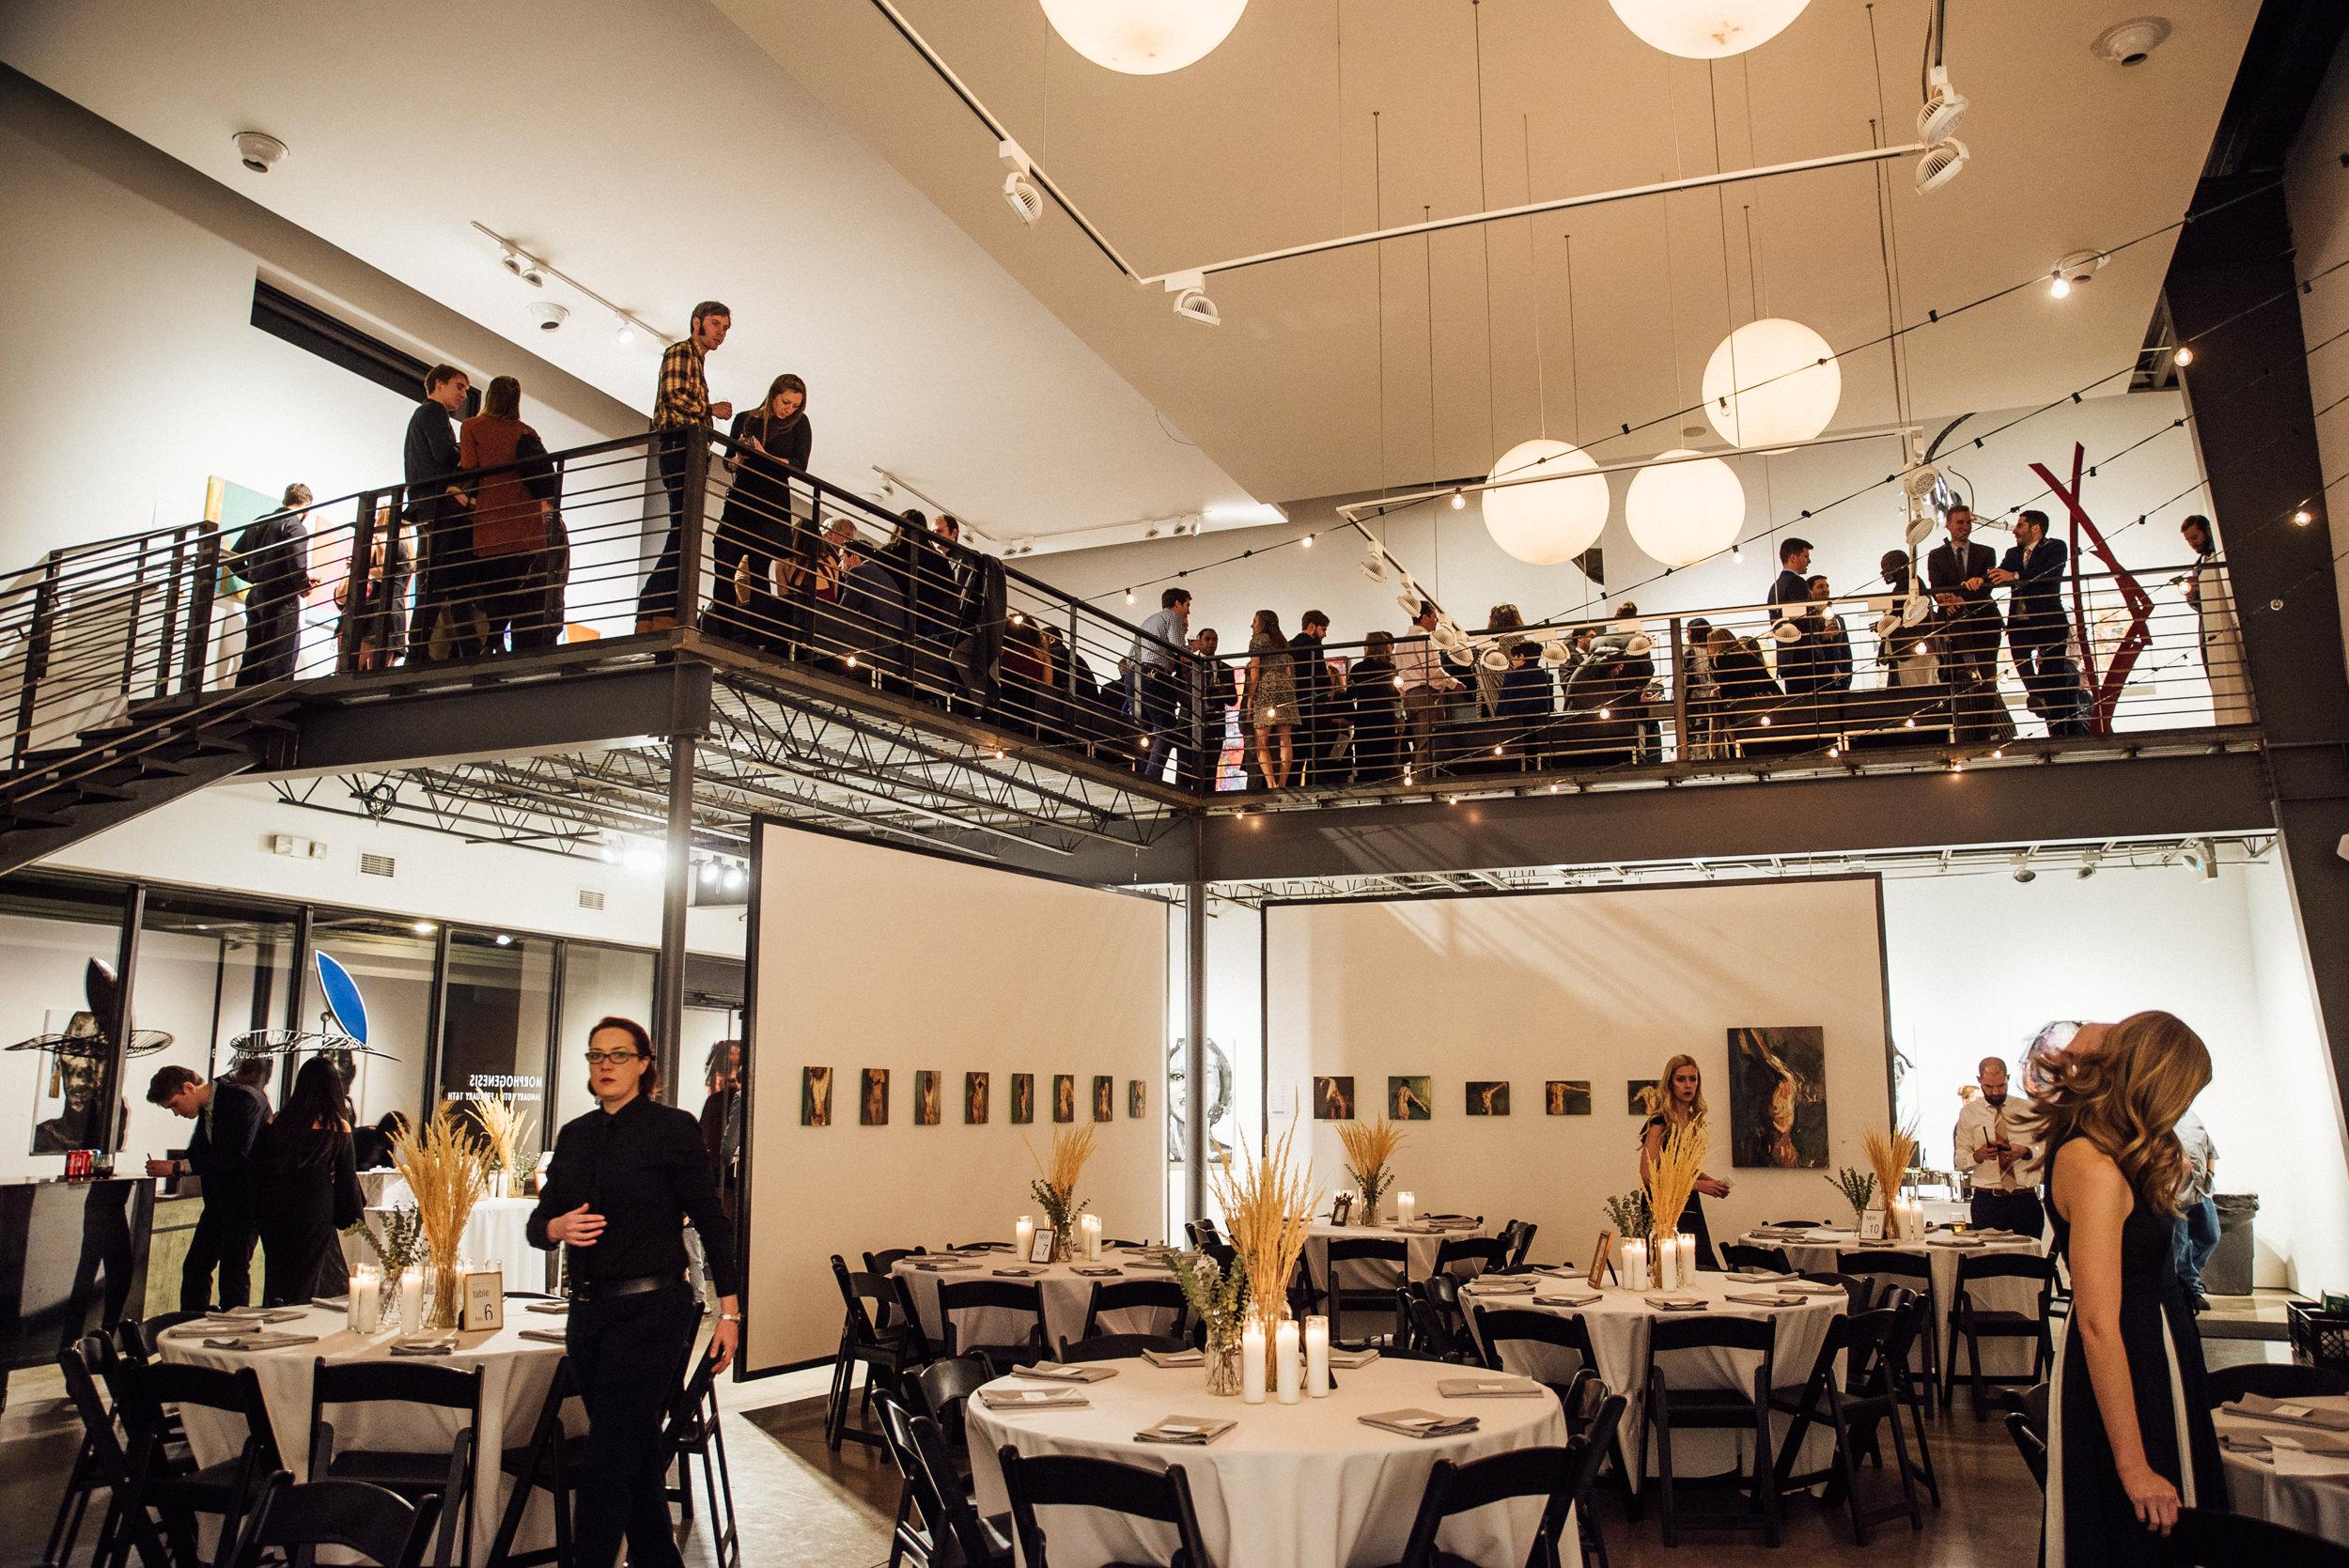 Space Gallery Reception-Denver Colorado